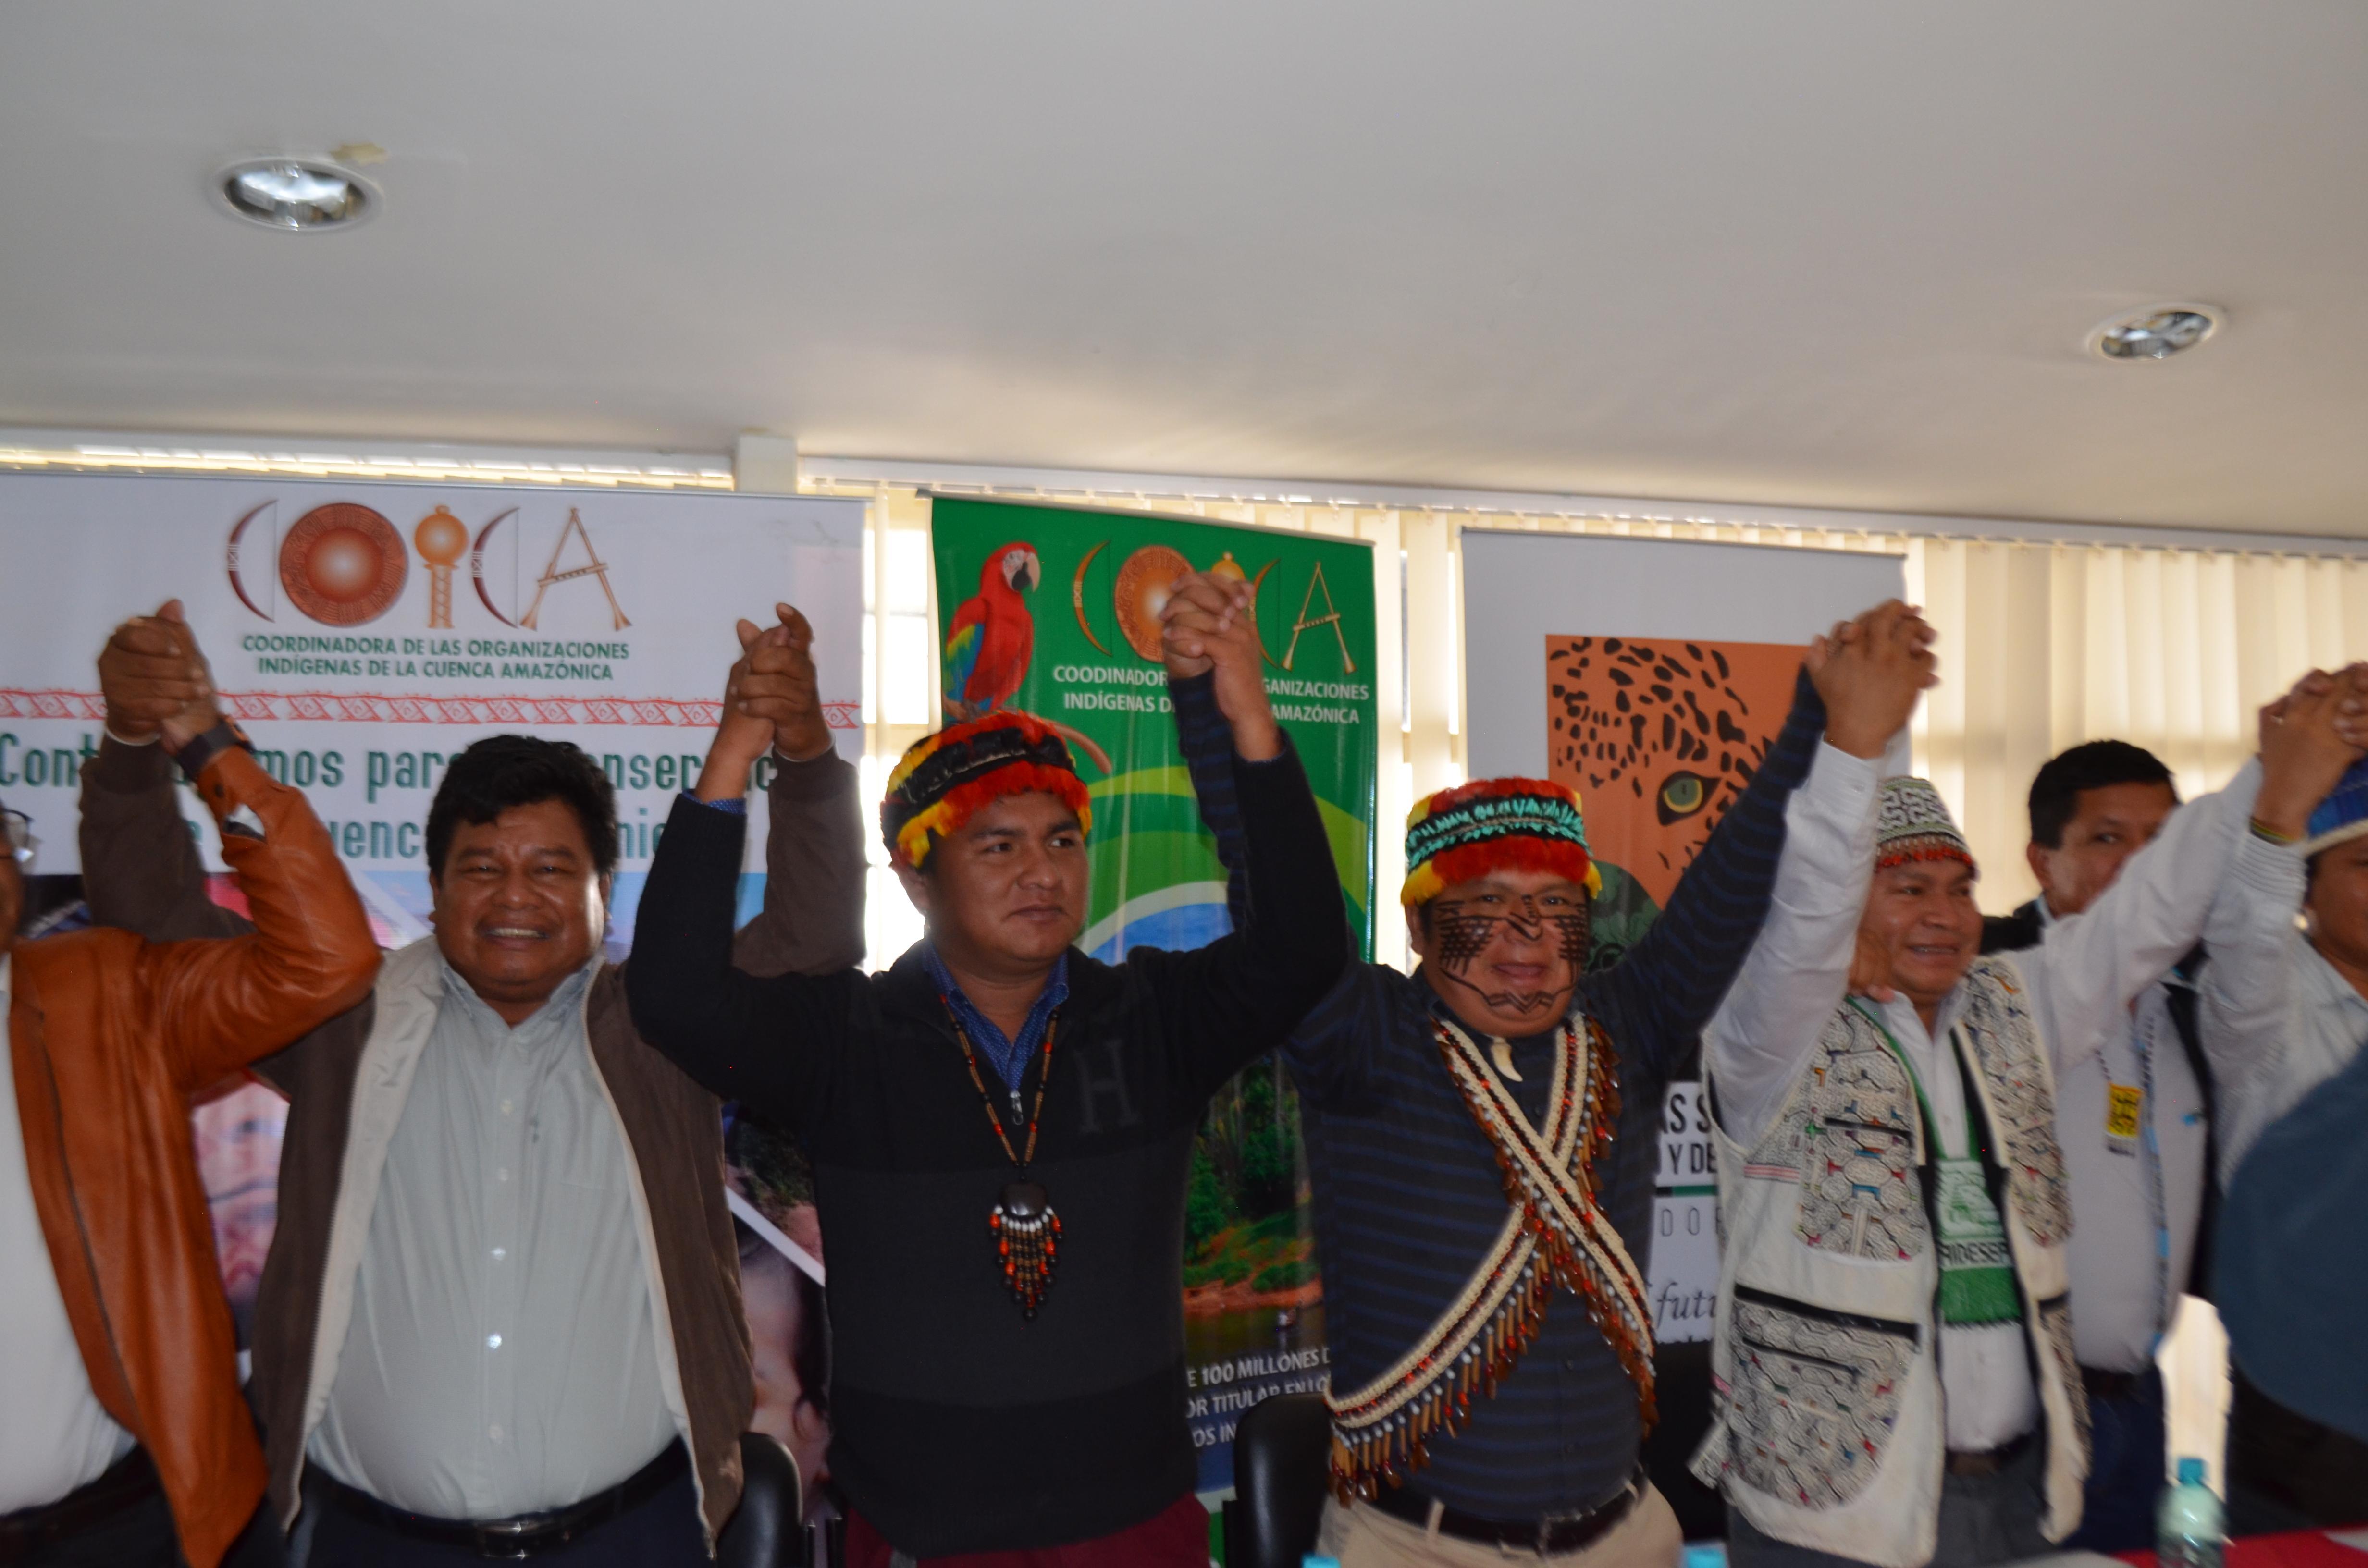 DECLARACIÓN DE QUITO PUEBLOS INDÍGENAS DE LA CUENCA AMAZÓNICA EN DEFENSA DE SUS DERECHOS Y SUS TERRITORIOS